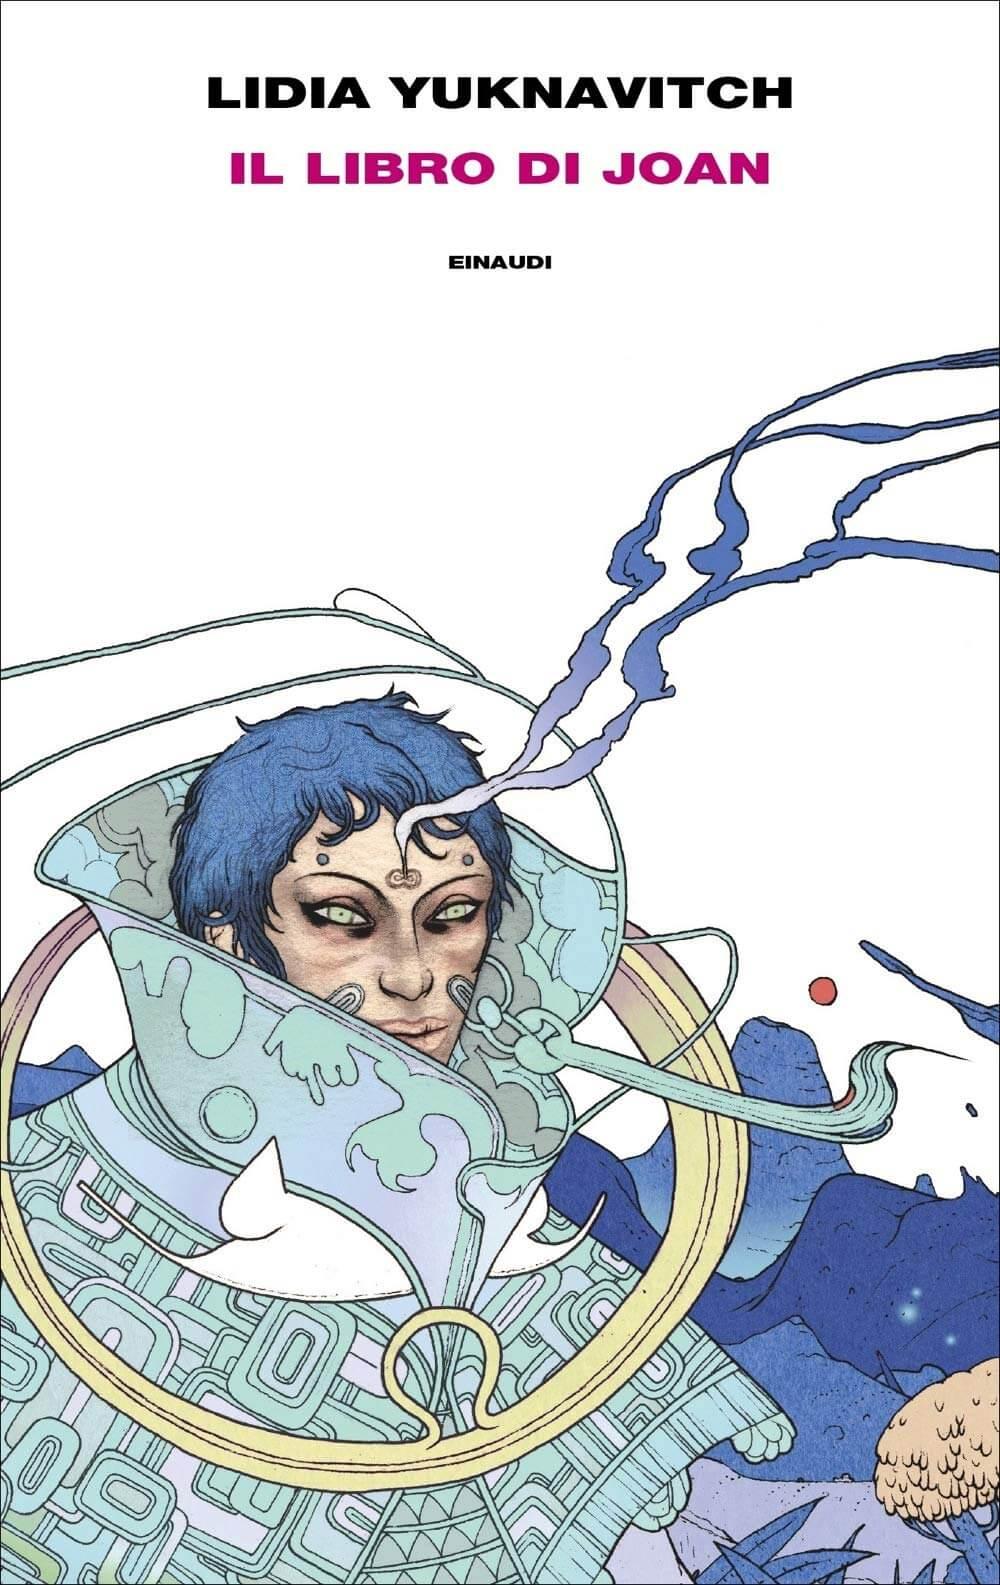 La copertina di Il Libro di Joan dell'autrice Lidia Yuknavitch